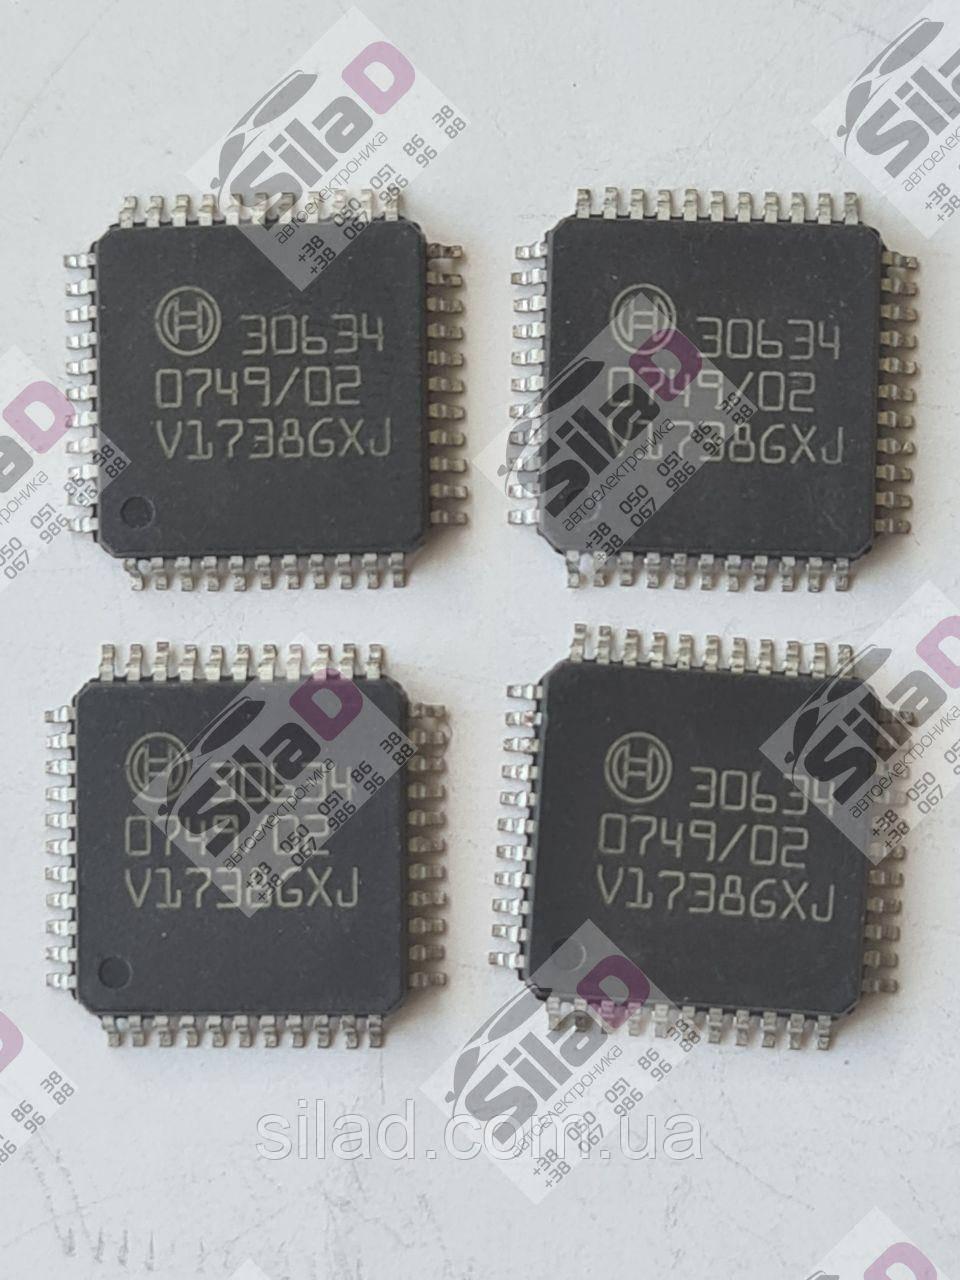 Микросхема Bosch 30634 корпус QFP44